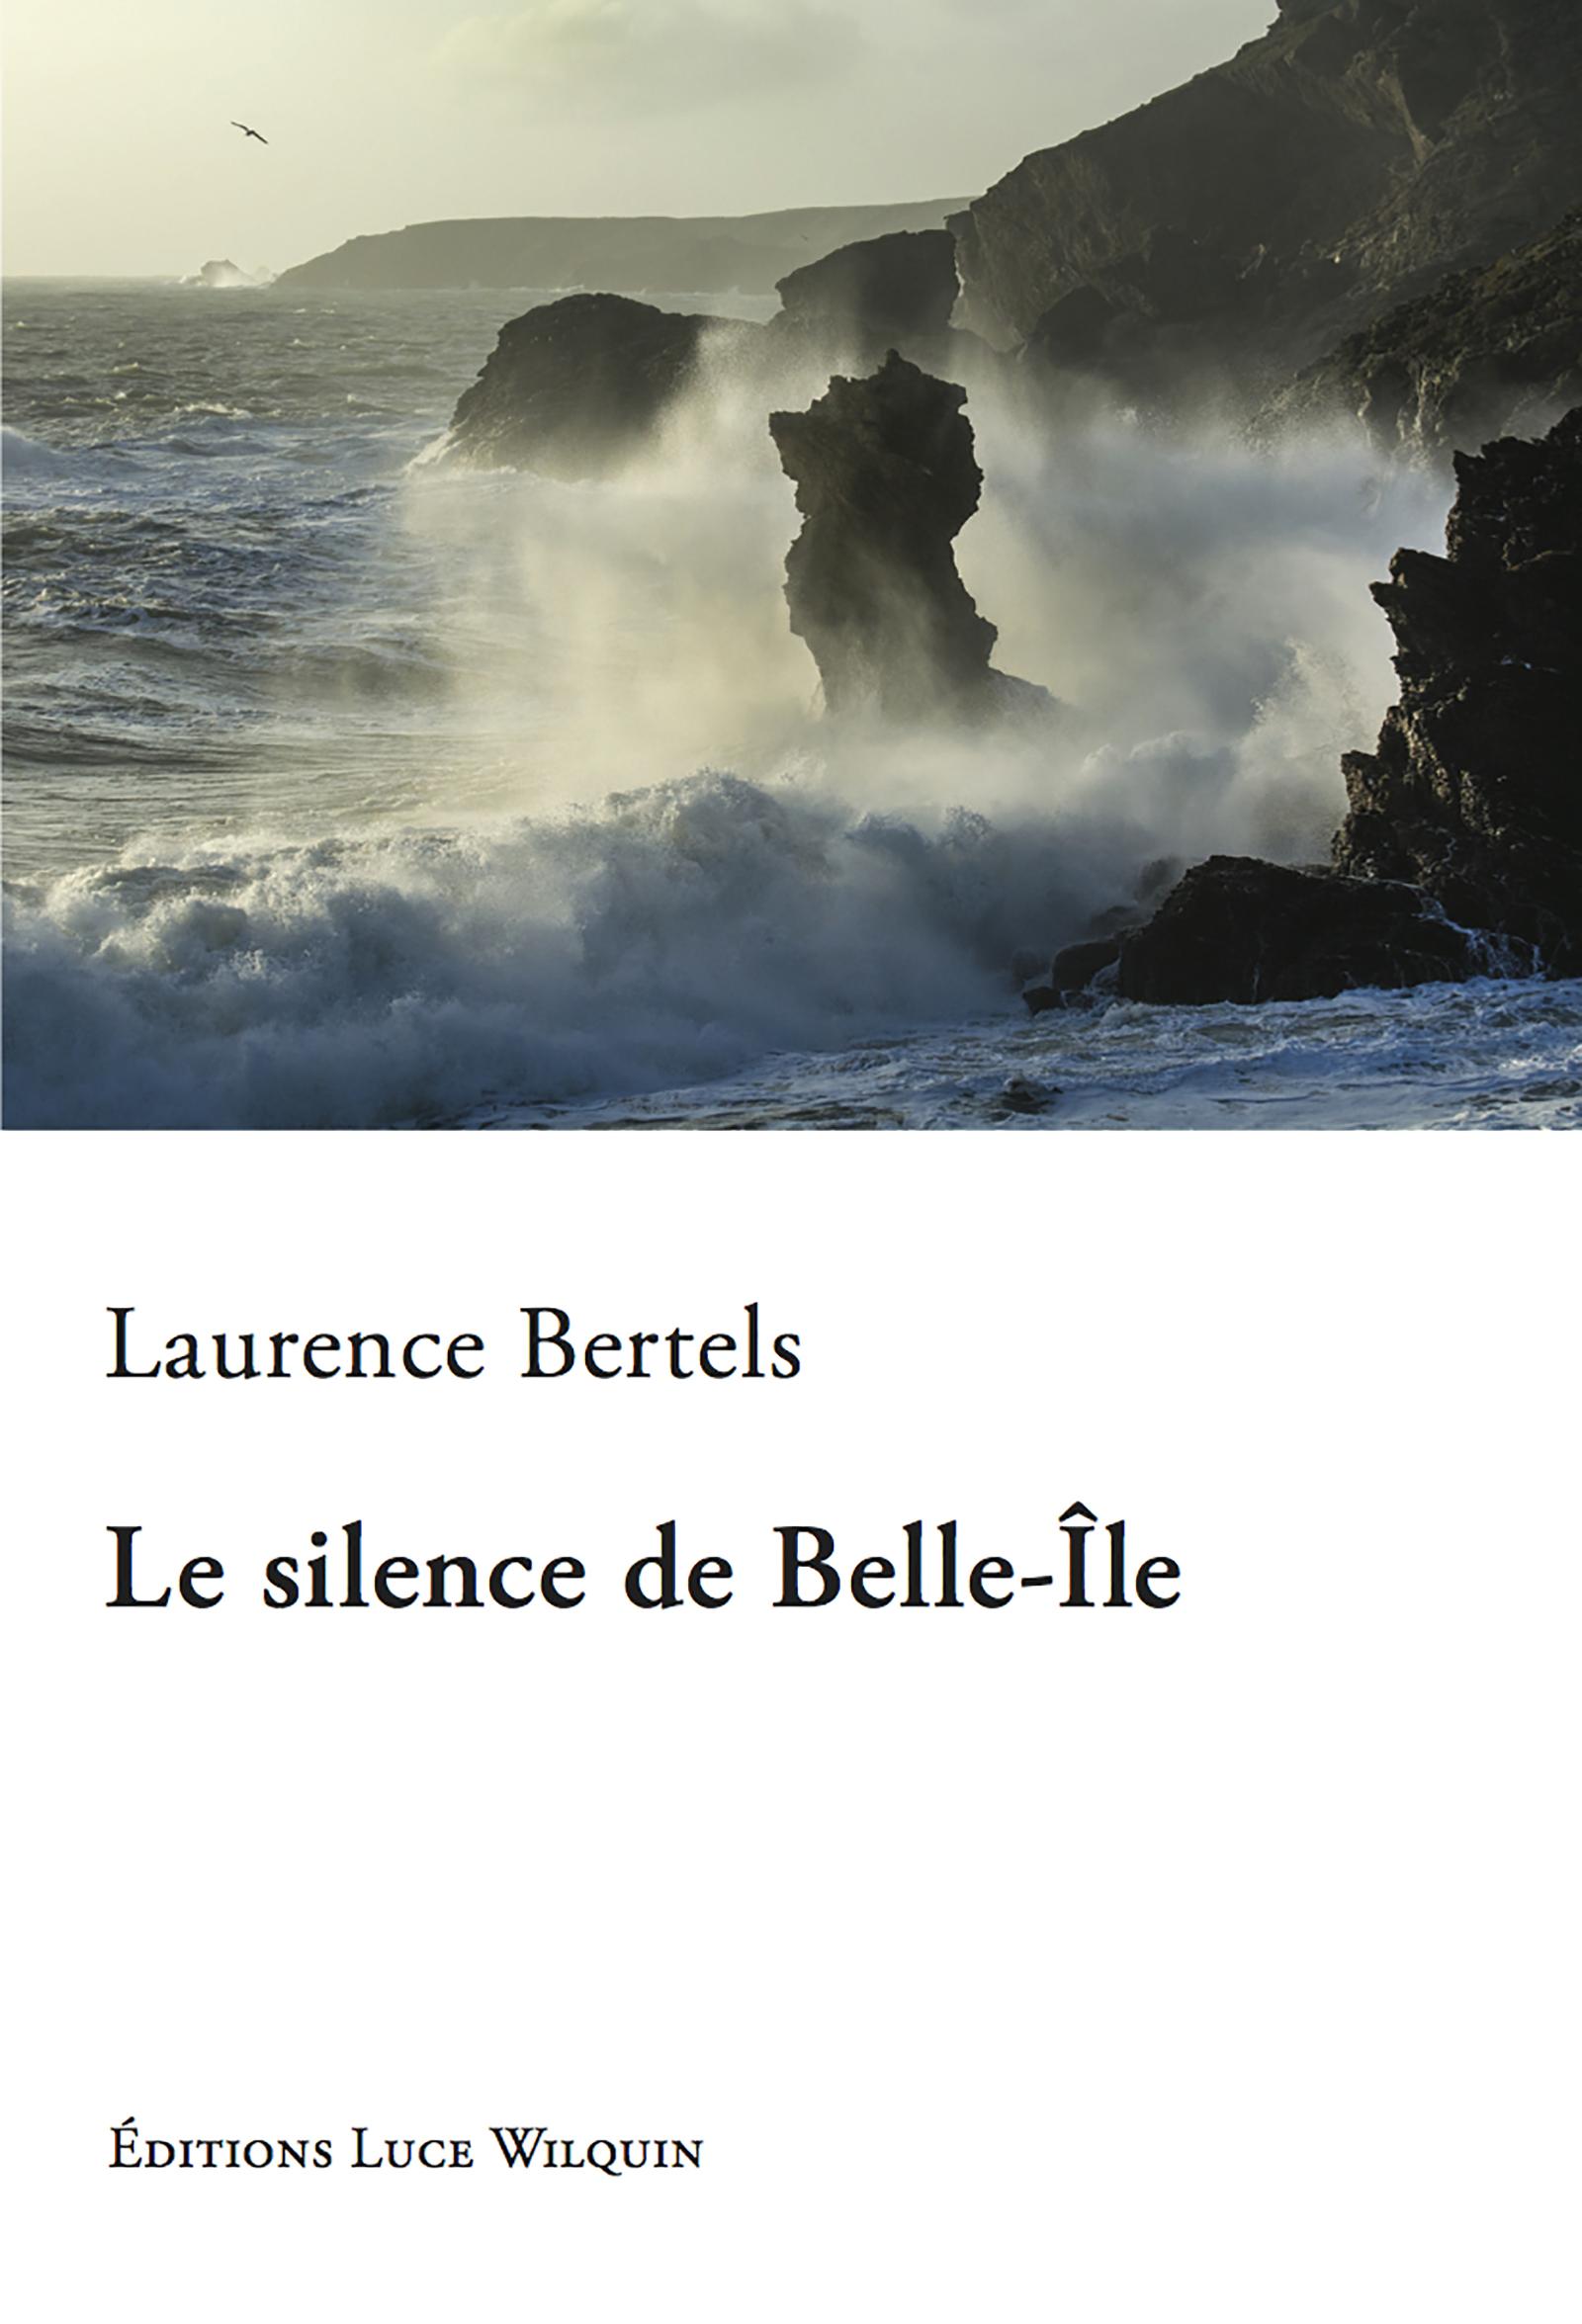 Le silence de Belle-Île